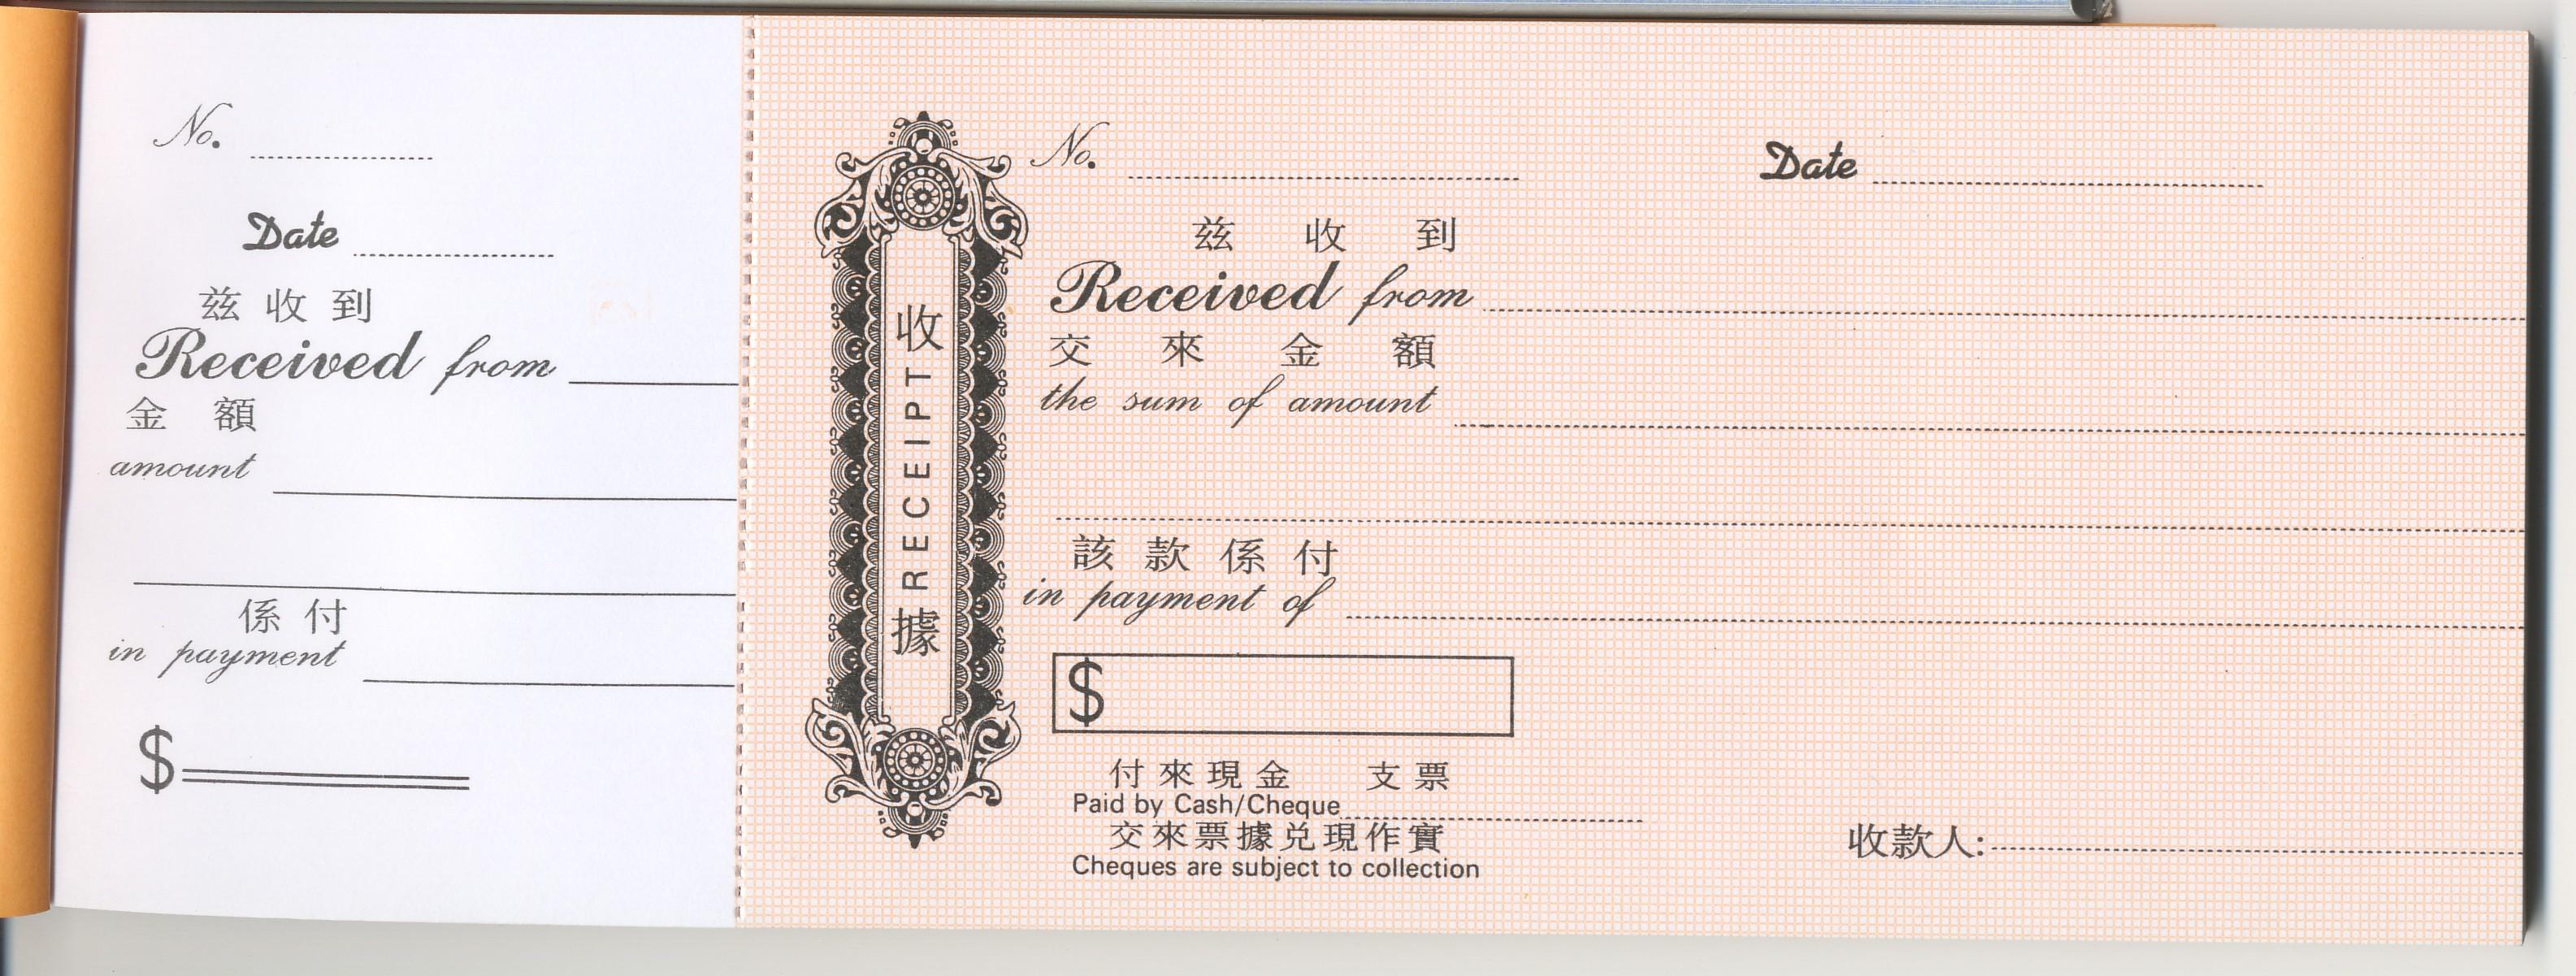 收据-sm983-1层纸-50张 $10